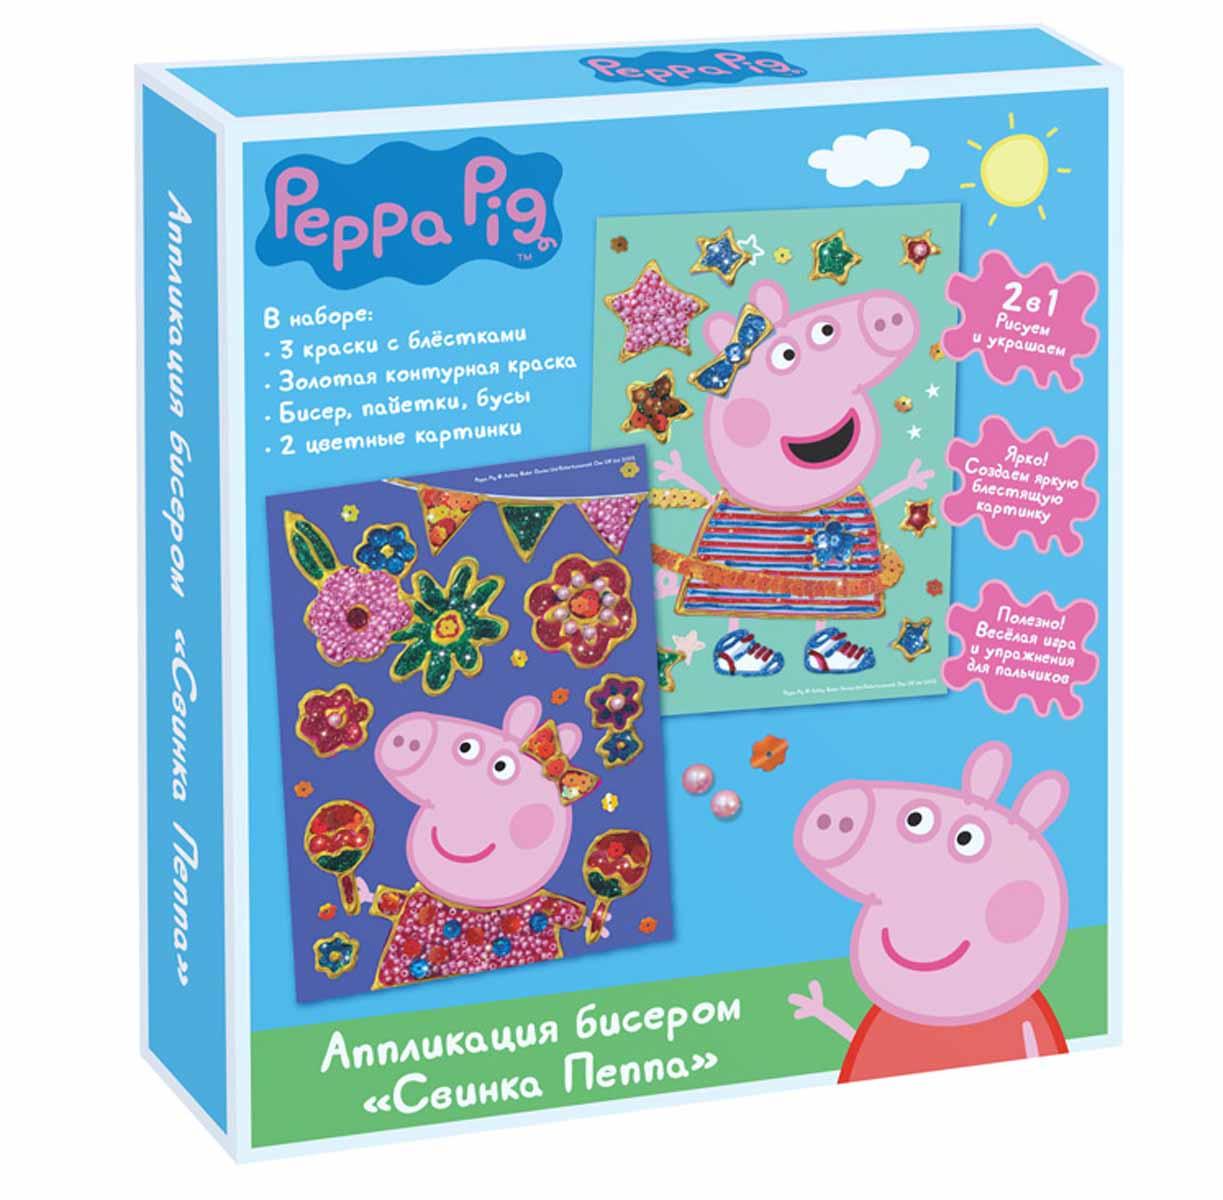 Peppa Pig Аппликация бисером Свинка Пеппа30467Вы думали, что с помощью бисера можно только вышивать и плести фенечки? А вот и нет! С набором Свинка Пеппа из бисера можно создавать яркие, блестящие аппликации! И для этого вам не потребуются ни клей, ни ножницы - все необходимое уже есть в наборе. Возьмите волшебные краски, раскрасьте ими фрагменты рисунка и наклейте на них яркий бисер и блестящие пайетки. Двигайтесь от центра к краям рисунка, чтобы не размазать краску. Очаровательная картинка готова! А во время такой увлекательной работы у ребенка активно развиваются мелкая моторика, цветовосприятие и творческое мышление. В наборе для аппликации бисером: 2 цветные картинки размером 14х19 см, бисер, пайетки, бусы, 4 тюбика с красками (4 цвета с блестками: красный, желтый, голубой; контурная золотая краска). Срок годности: 3 года. Упаковка - коробка с инструкцией и полезными советами.